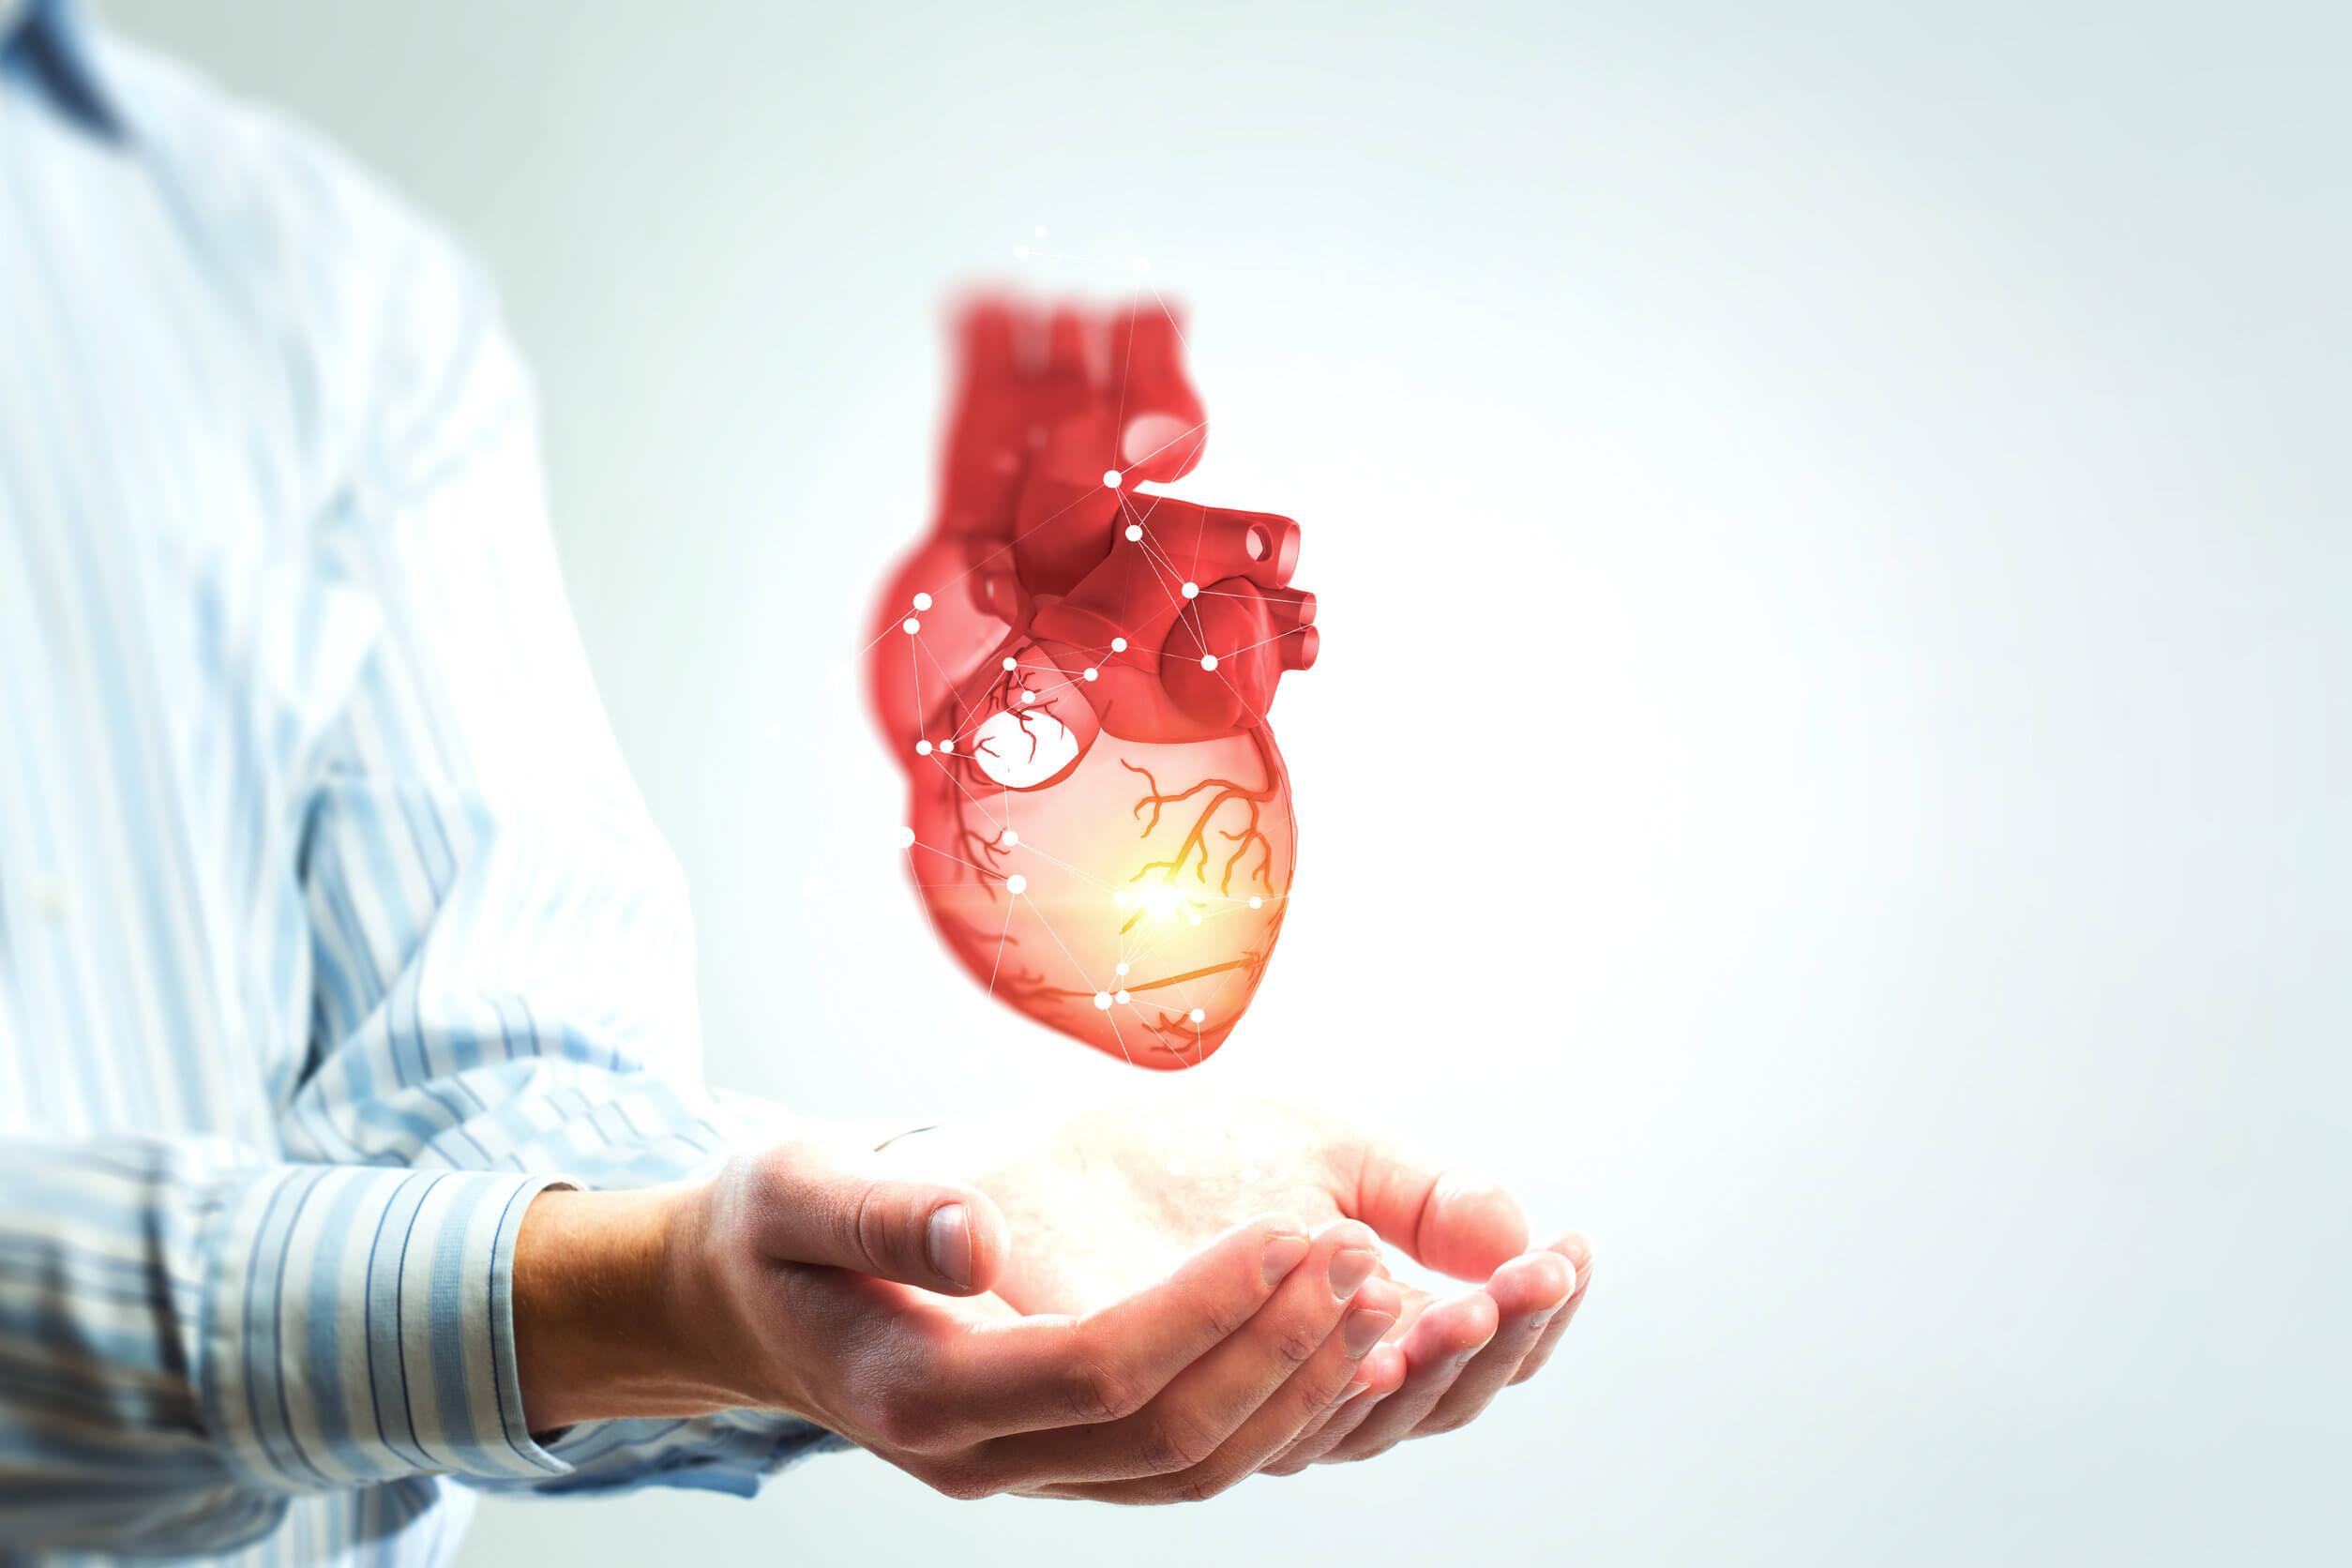 Tu corazón, un tema serio